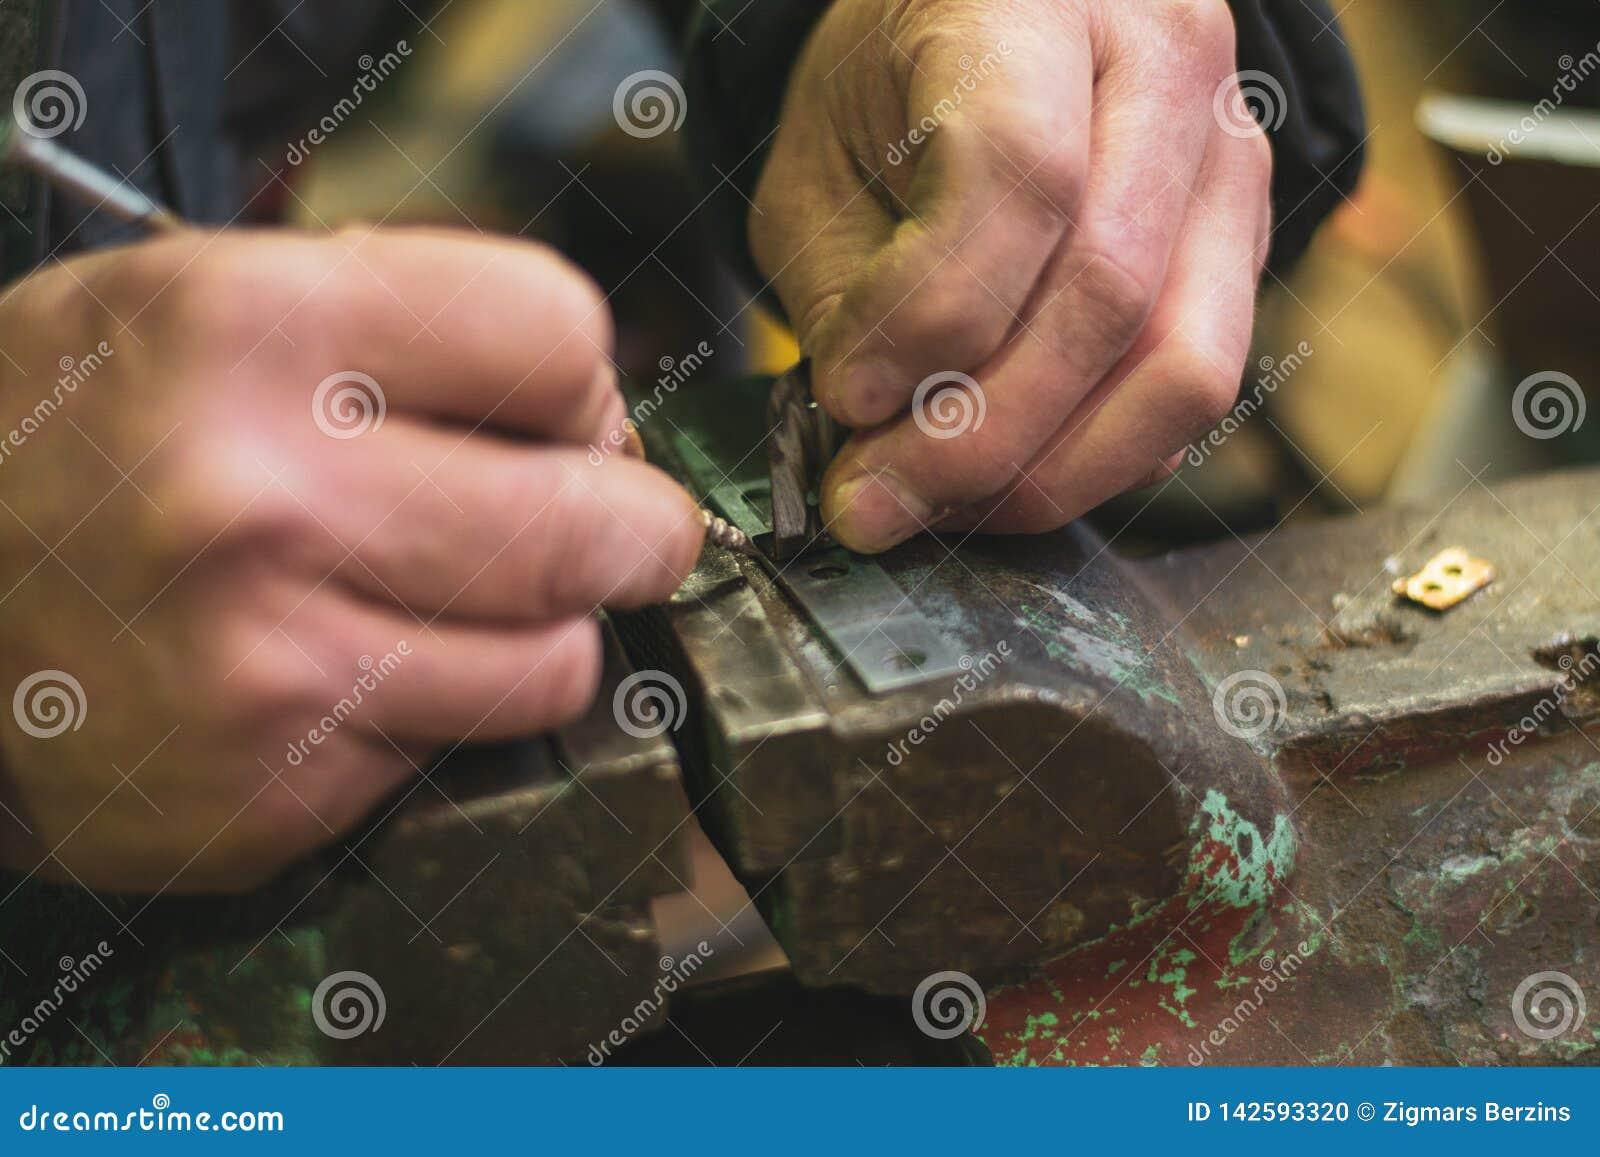 Metalllaster und Handwerksarbeit